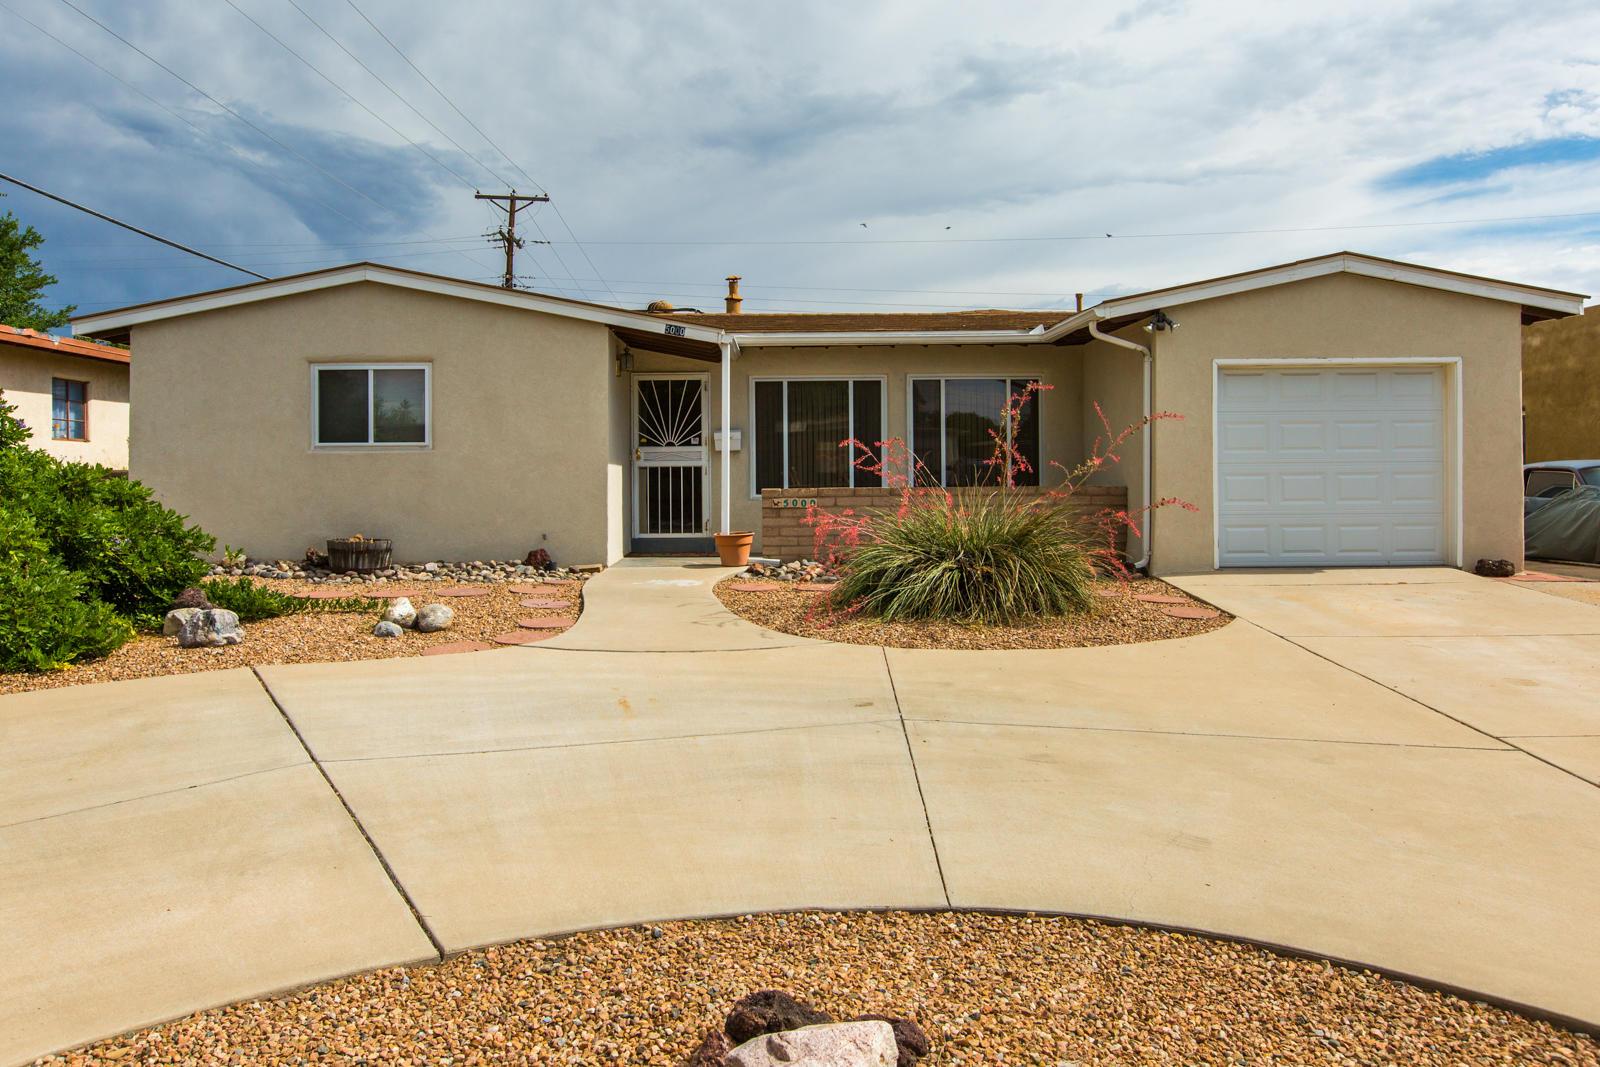 5000 PONDEROSA Avenue, Albuquerque NM 87110